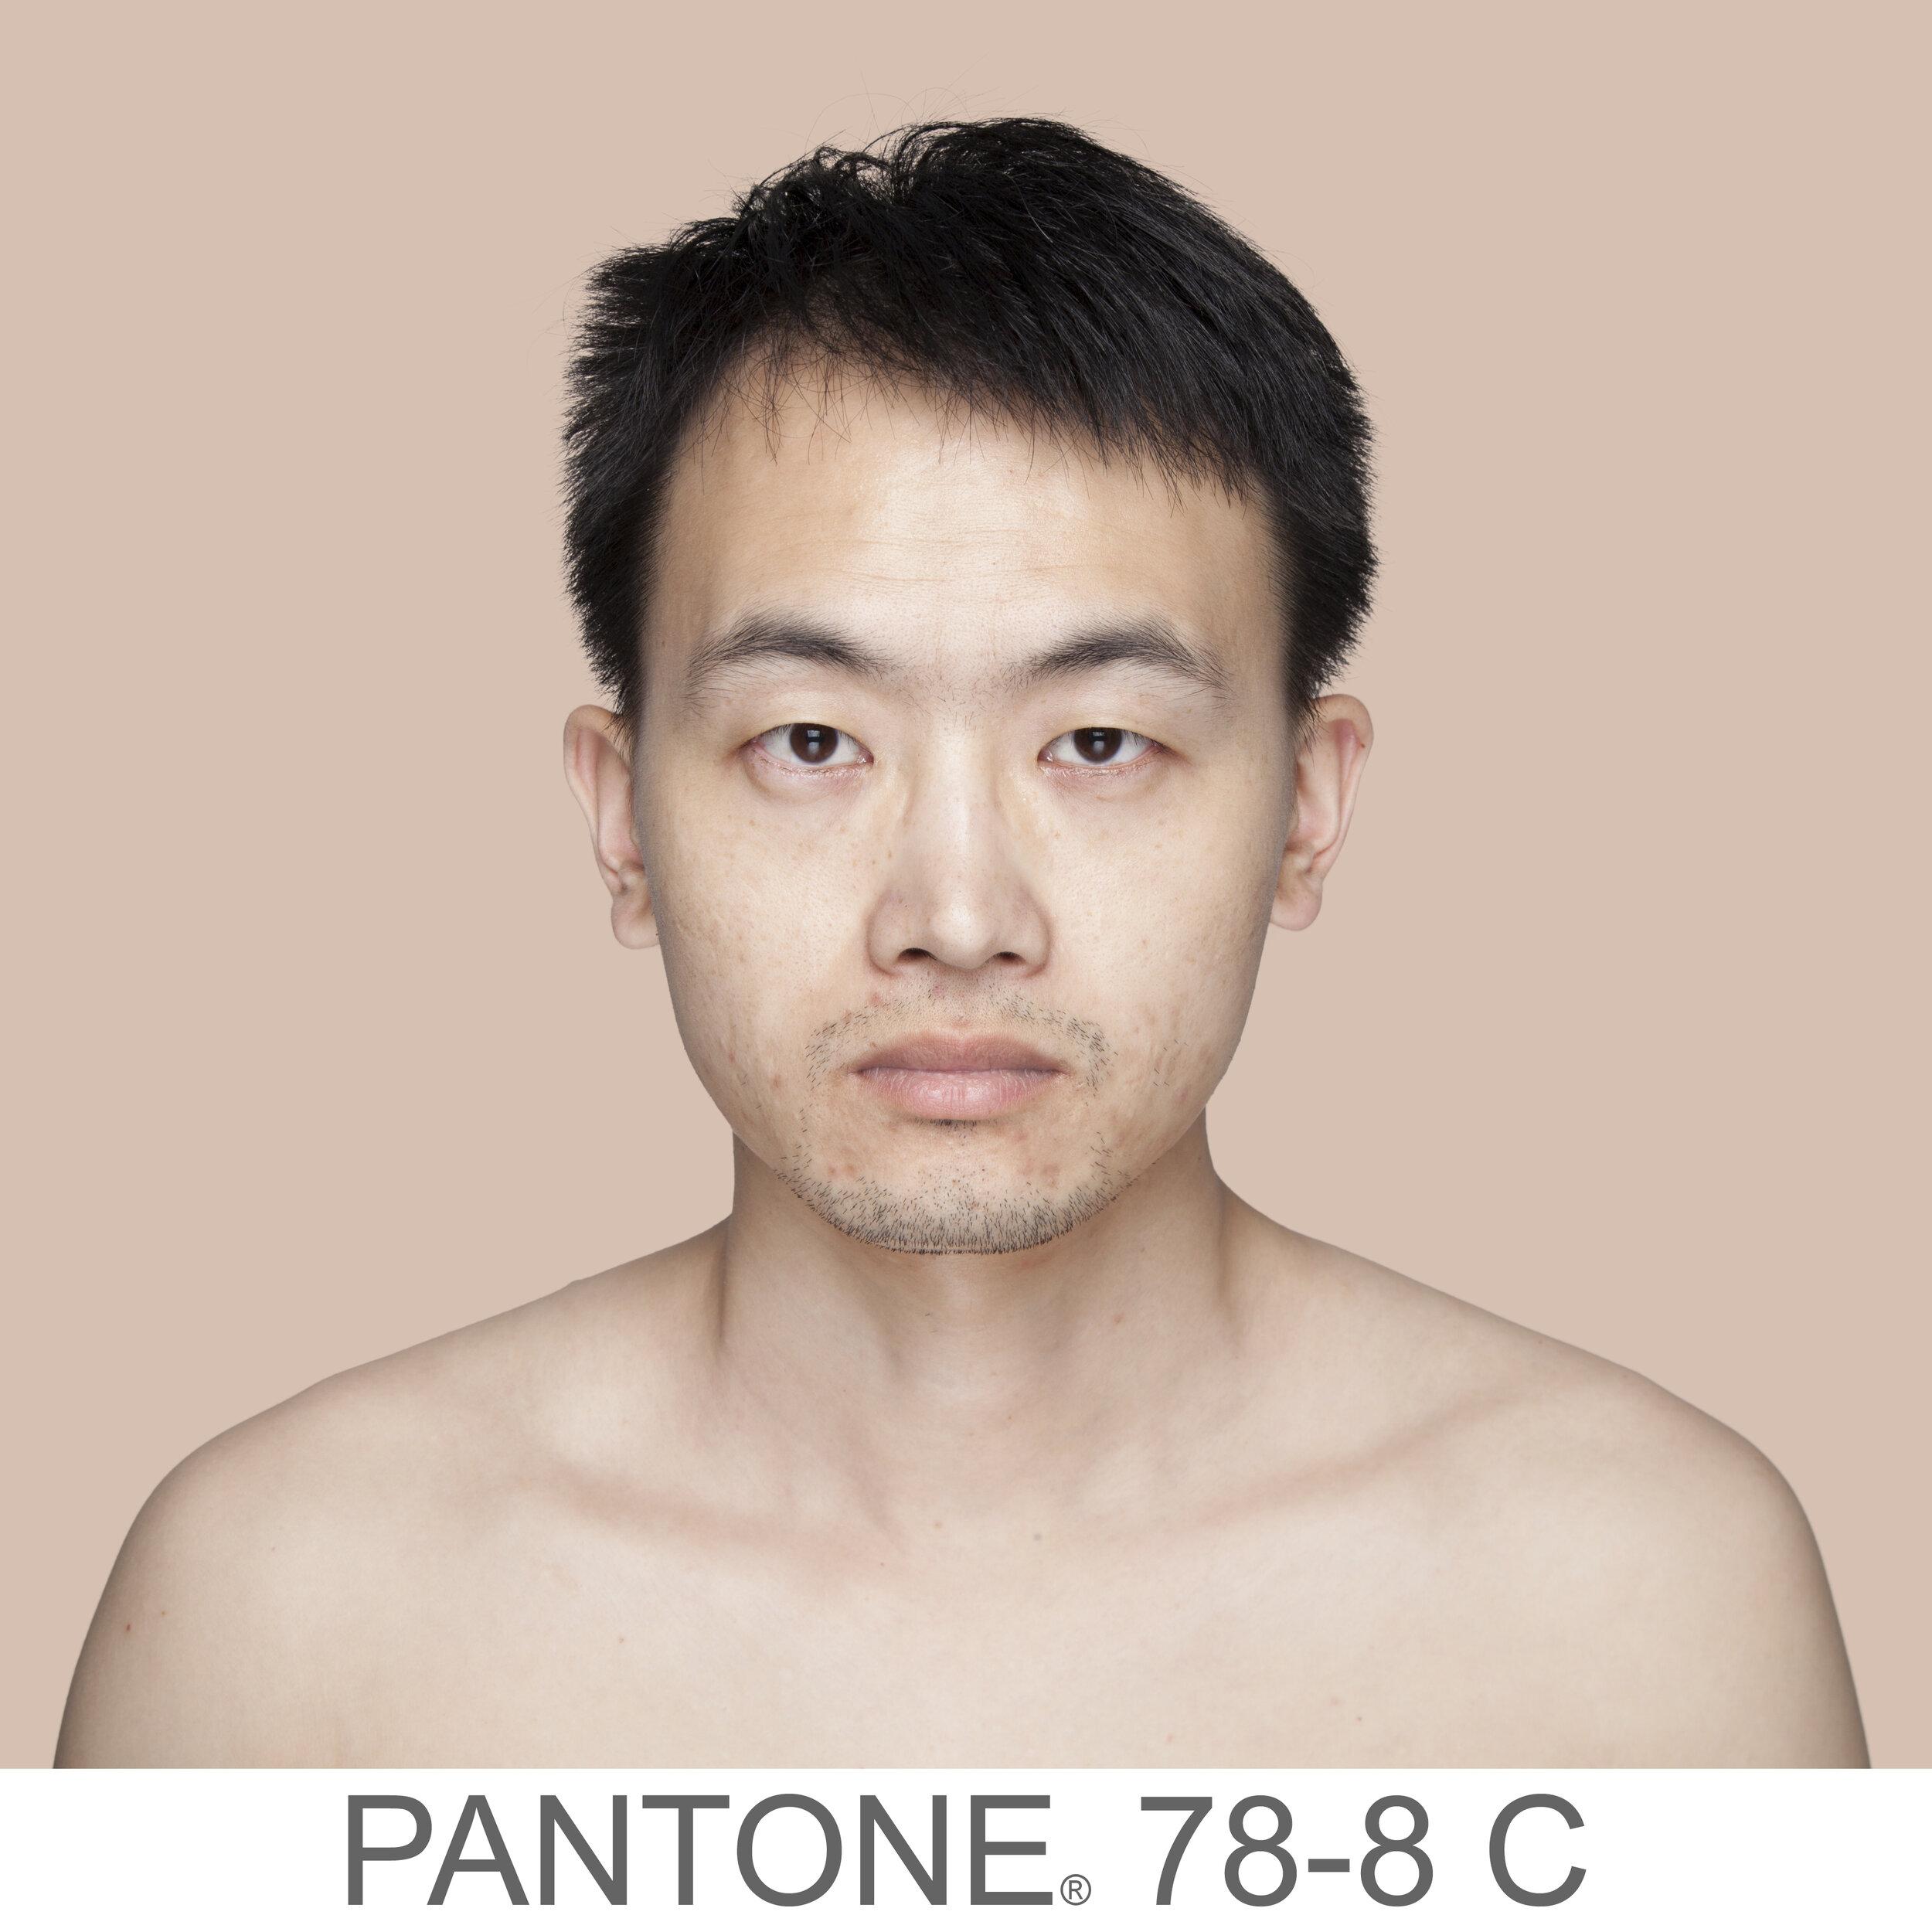 humanae 78-8 C CN copia.jpg